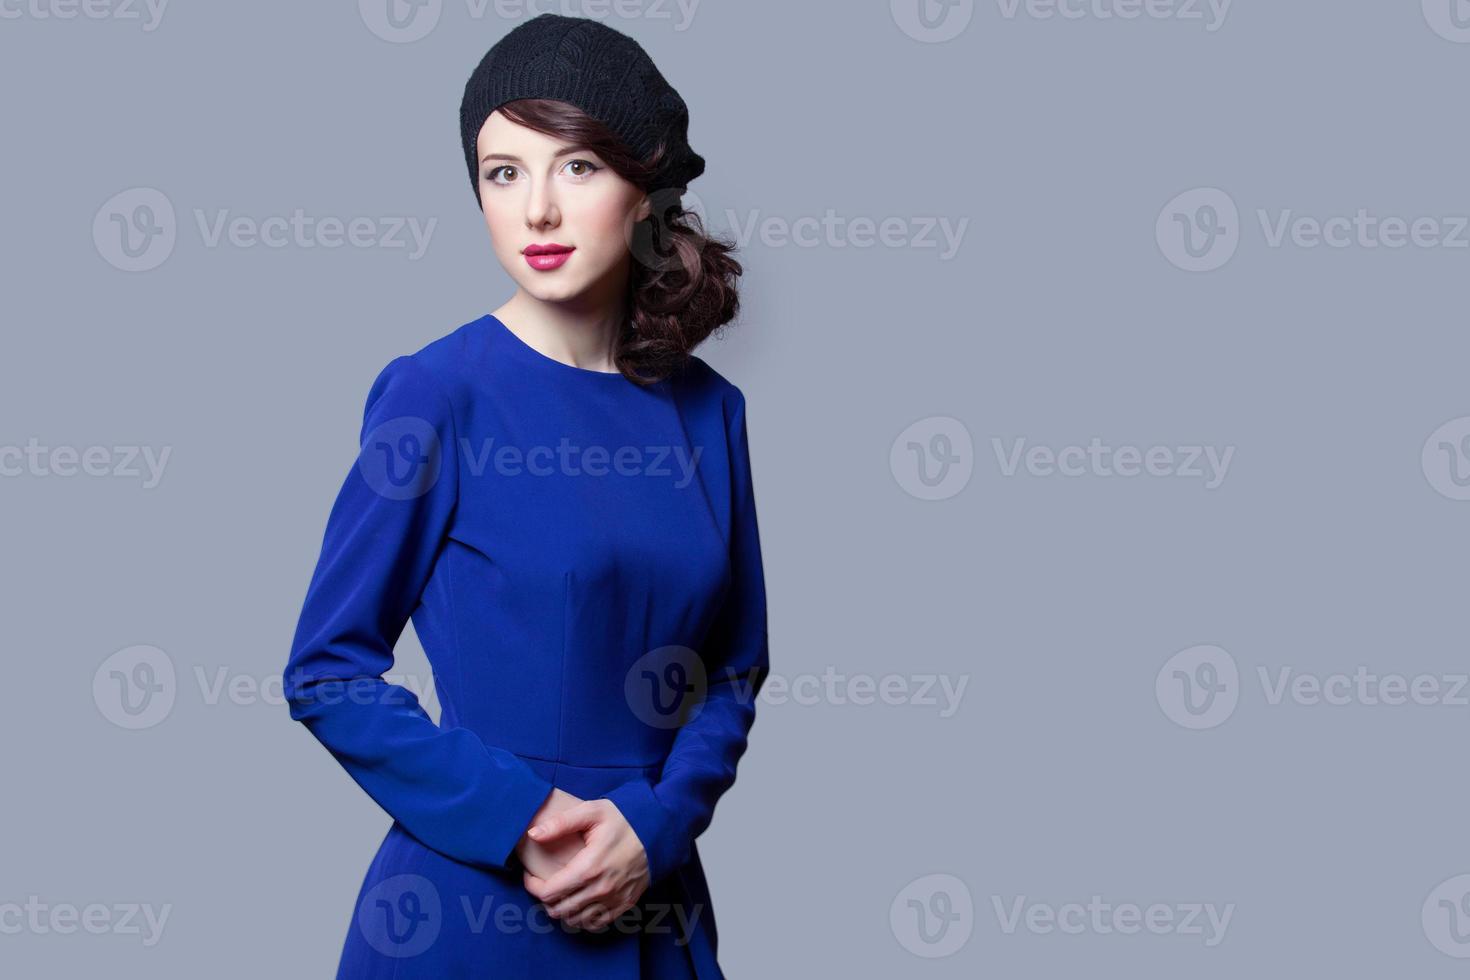 mulheres de vestido azul foto